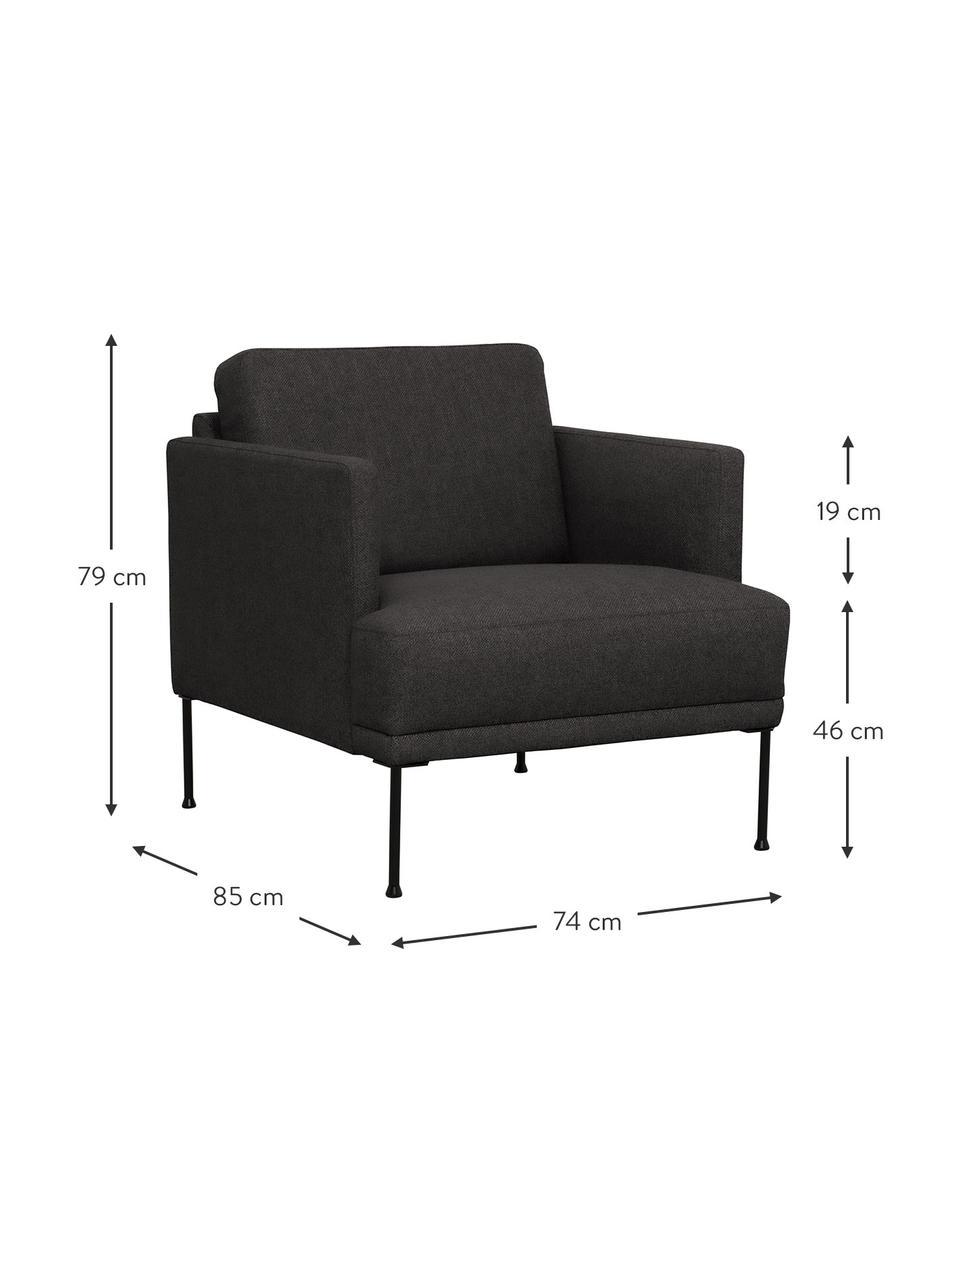 Fotel z metalowymi nogami Fluente, Tapicerka: 100% poliester Dzięki tka, Nogi: metal malowany proszkowo, Ciemnyszary, S 74 x G 85 cm